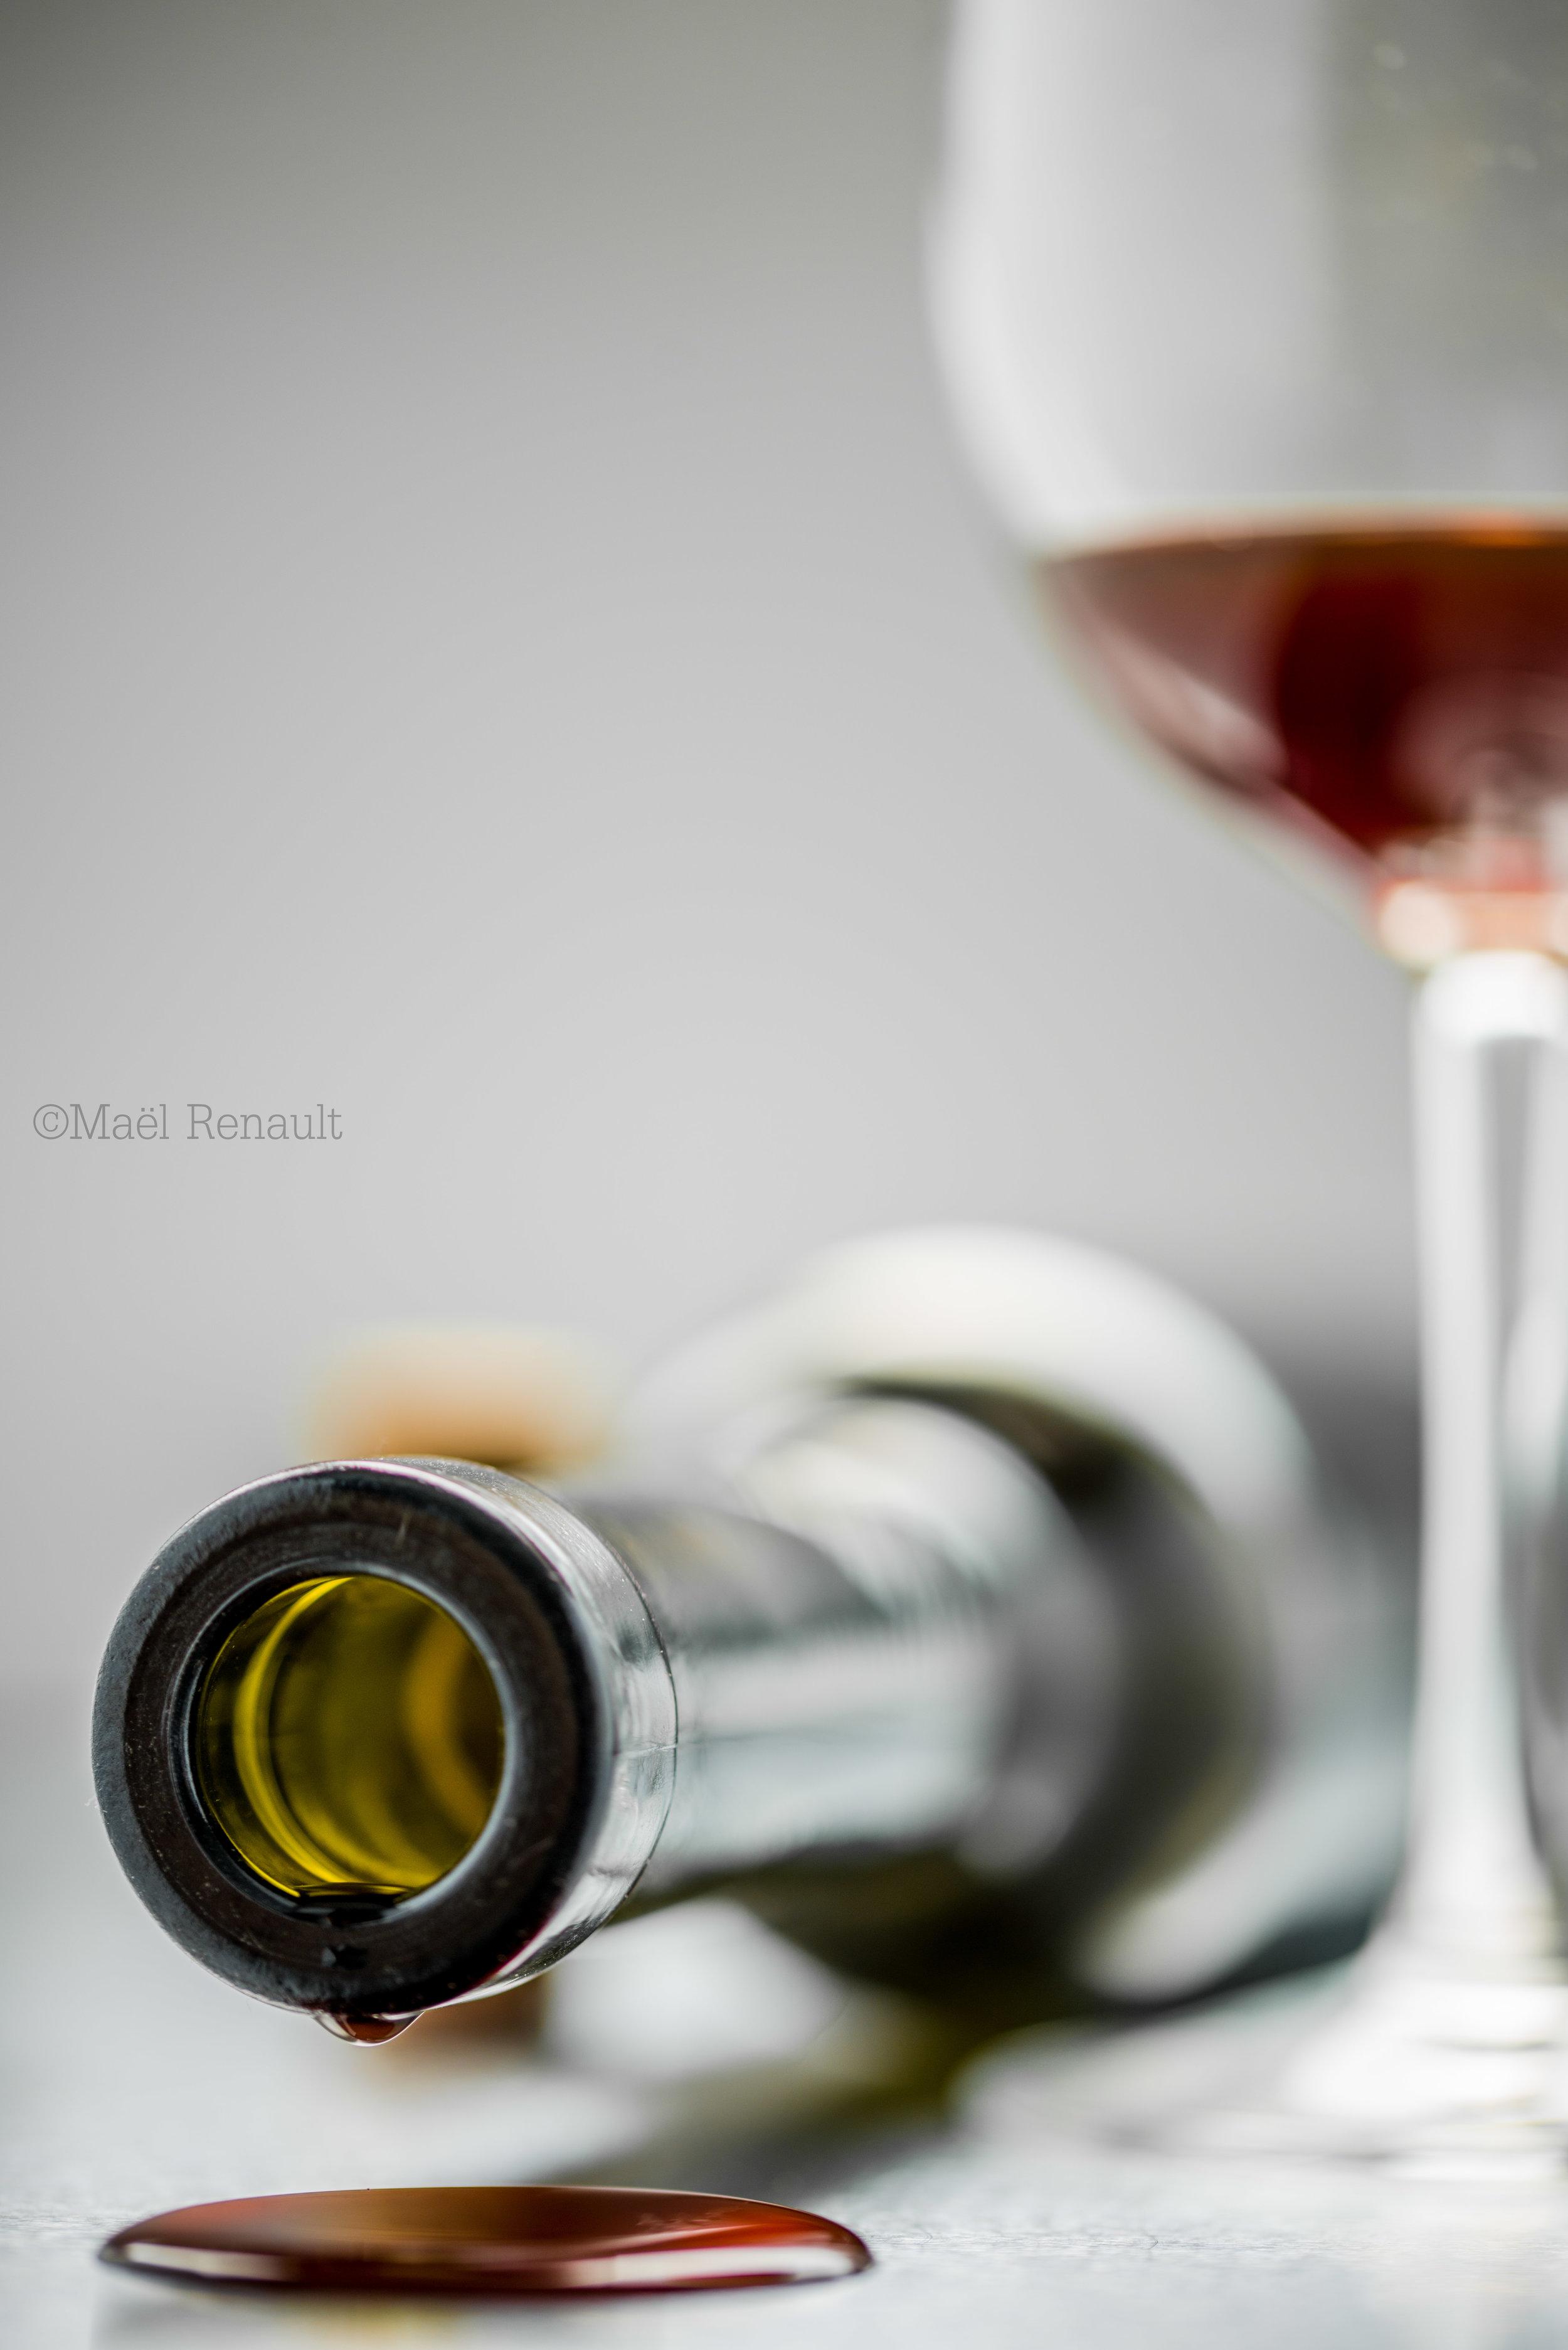 The last drop of wine series / Drink